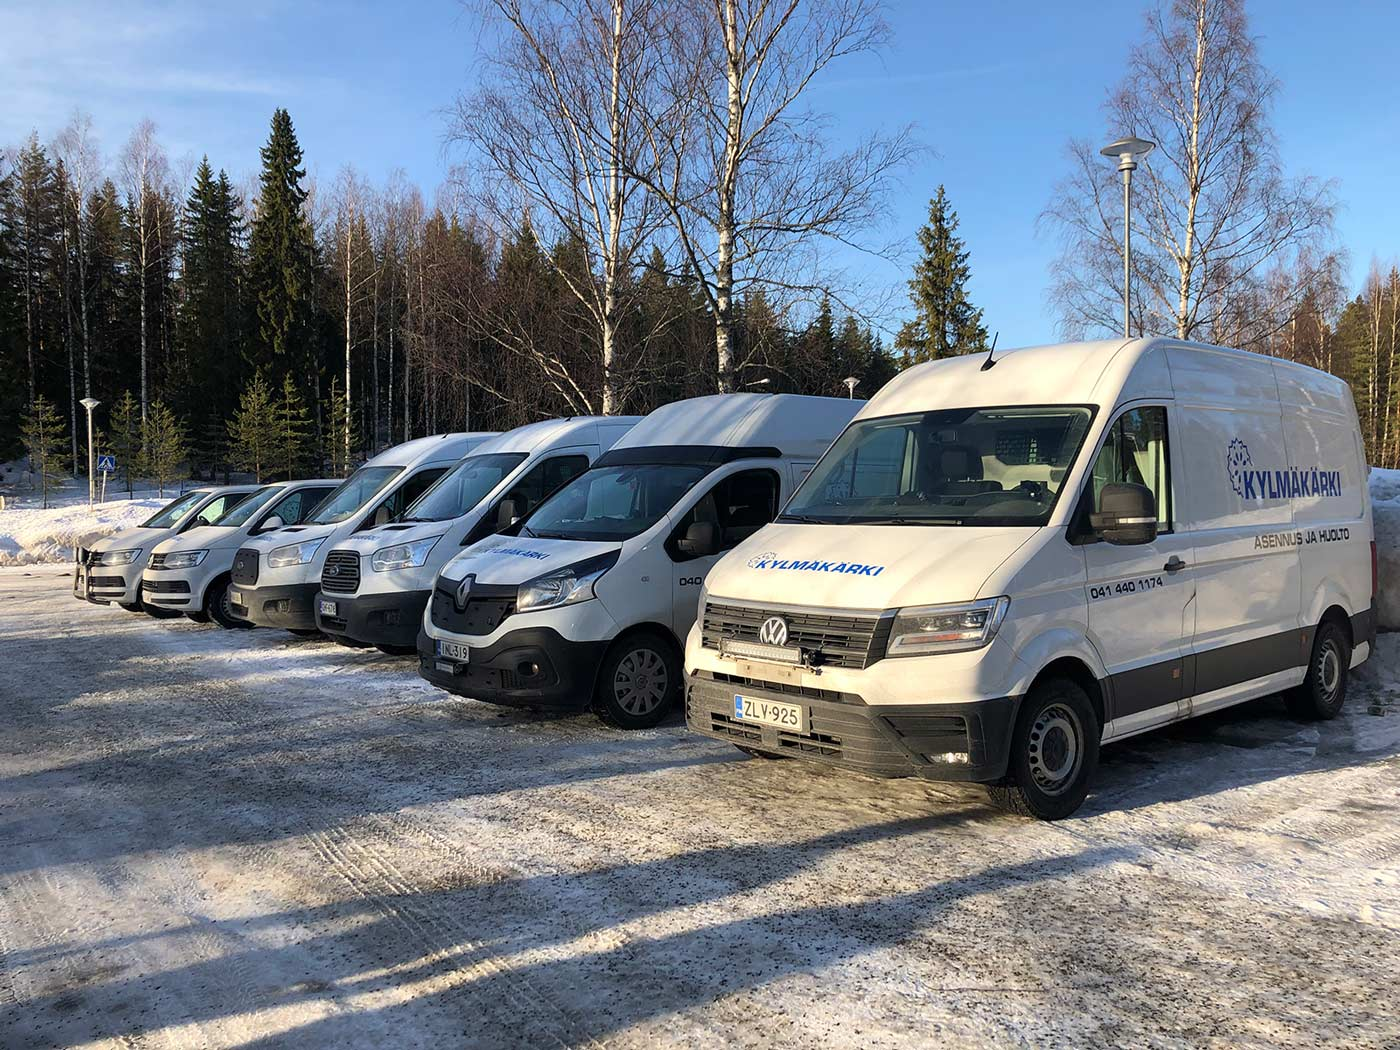 Huoltajamme Markku Järvenpää jää eläkkeelle Kylmäkärki Oy:stä ansiokkaan yli 33 v työrupeaman jälkeen.